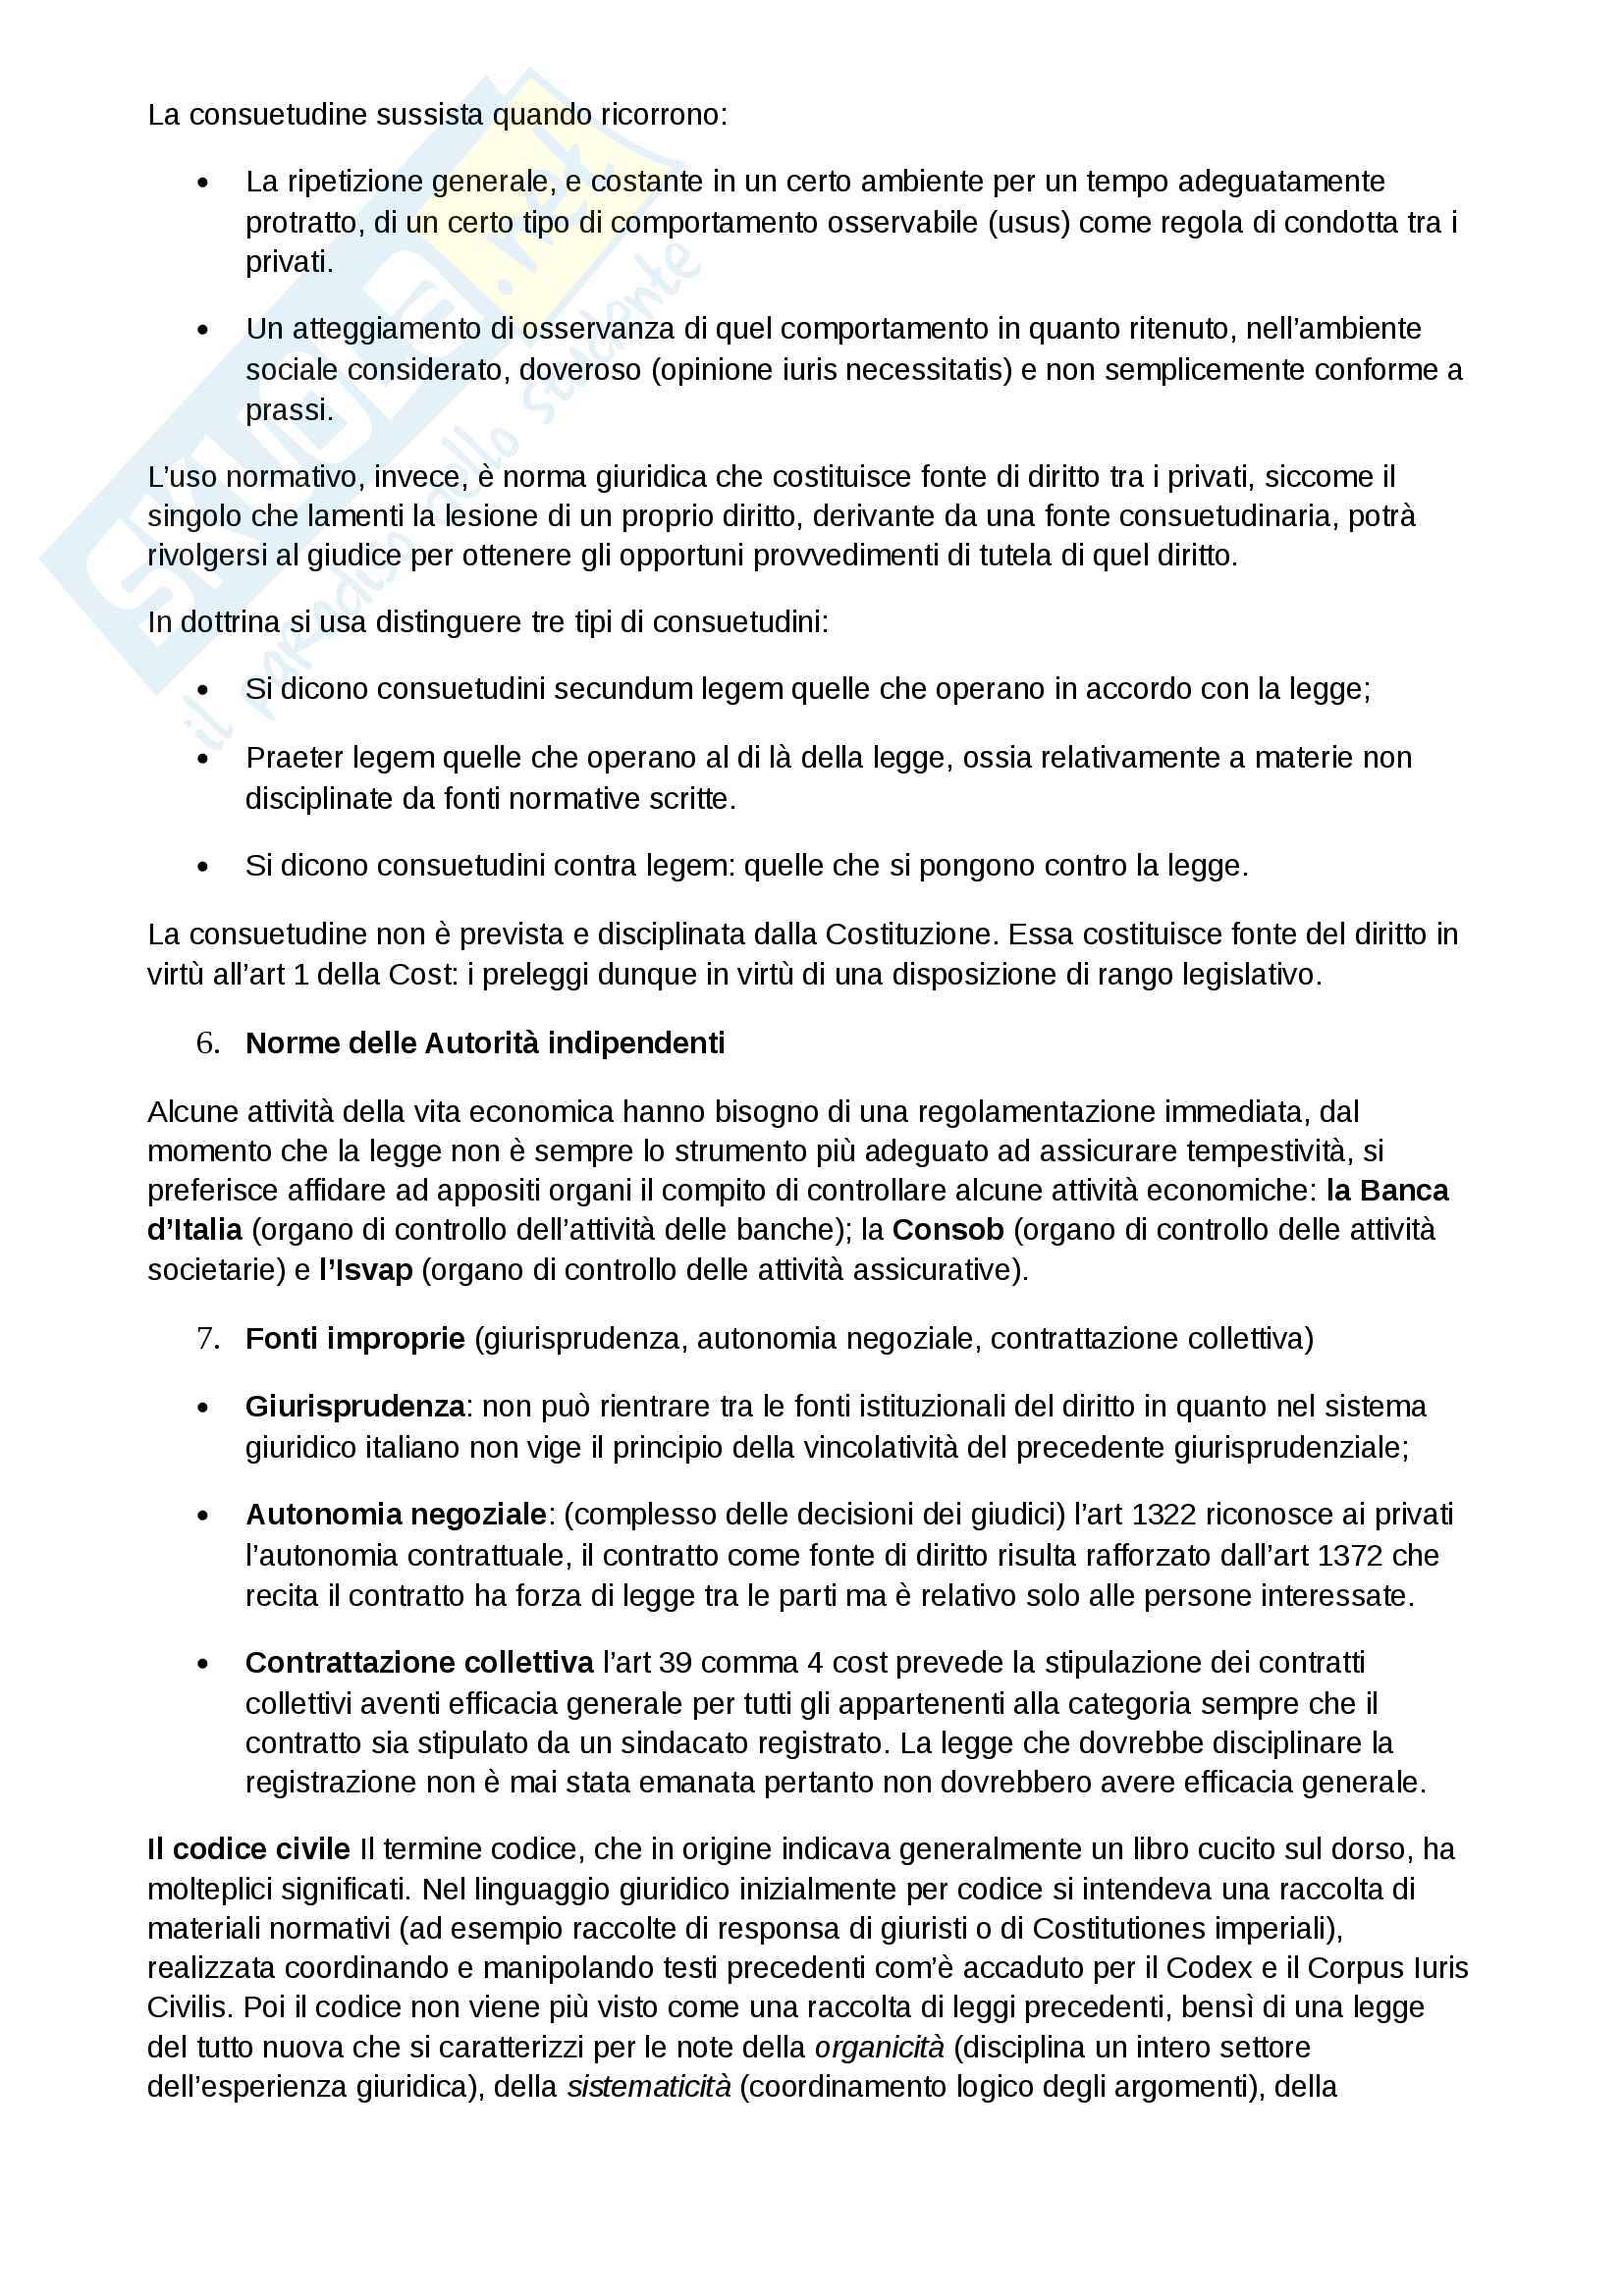 Appunti di Diritto Privato Pag. 6